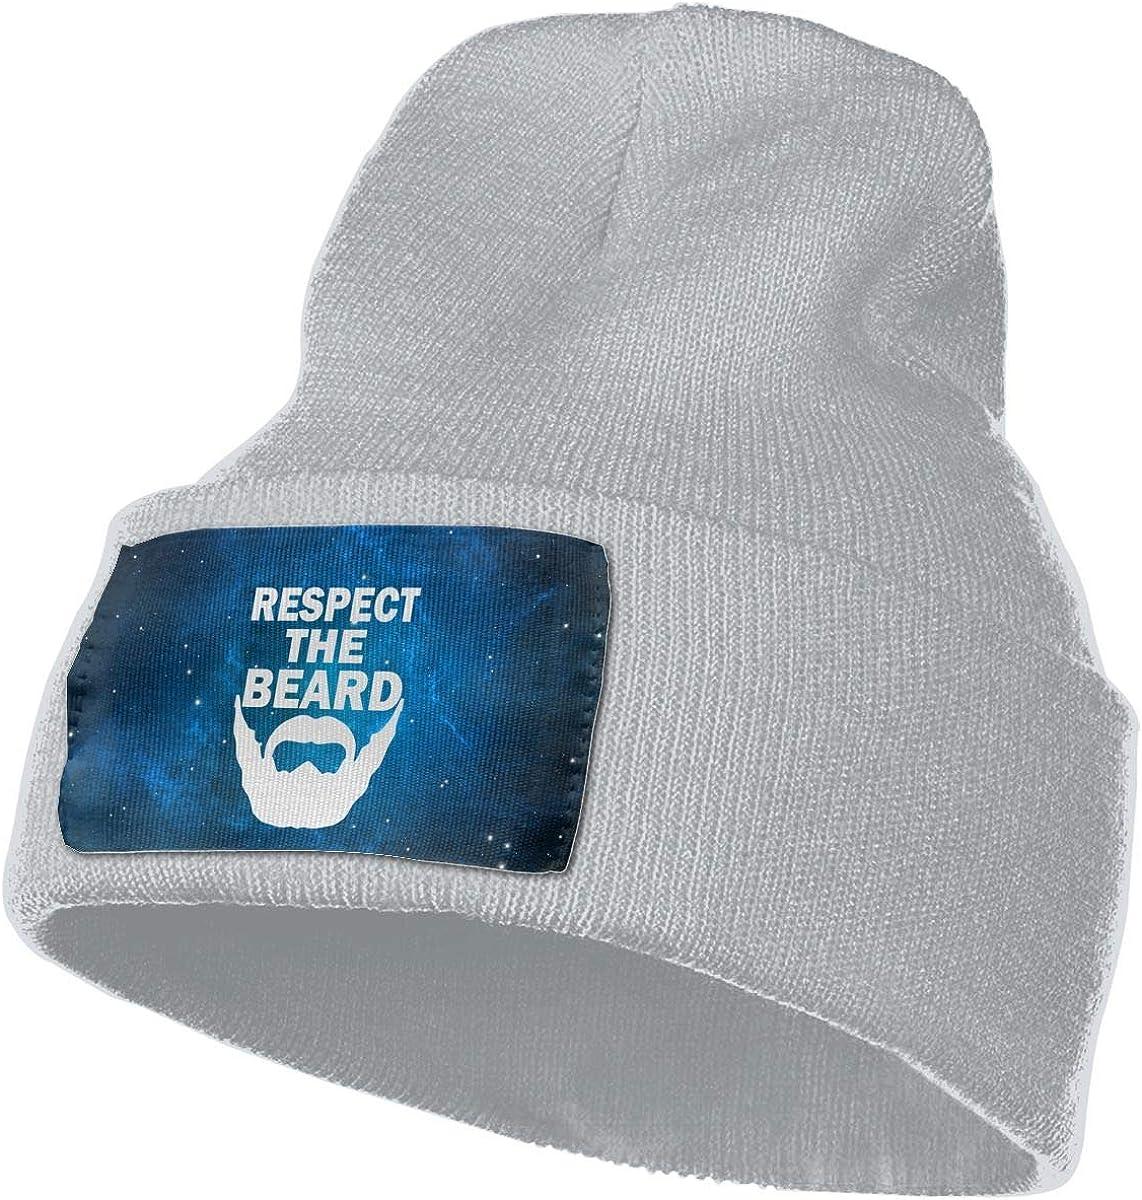 Helidoud Respect The Beard Winter Beanie Hat Knit Skull Cap for for Men /& Women